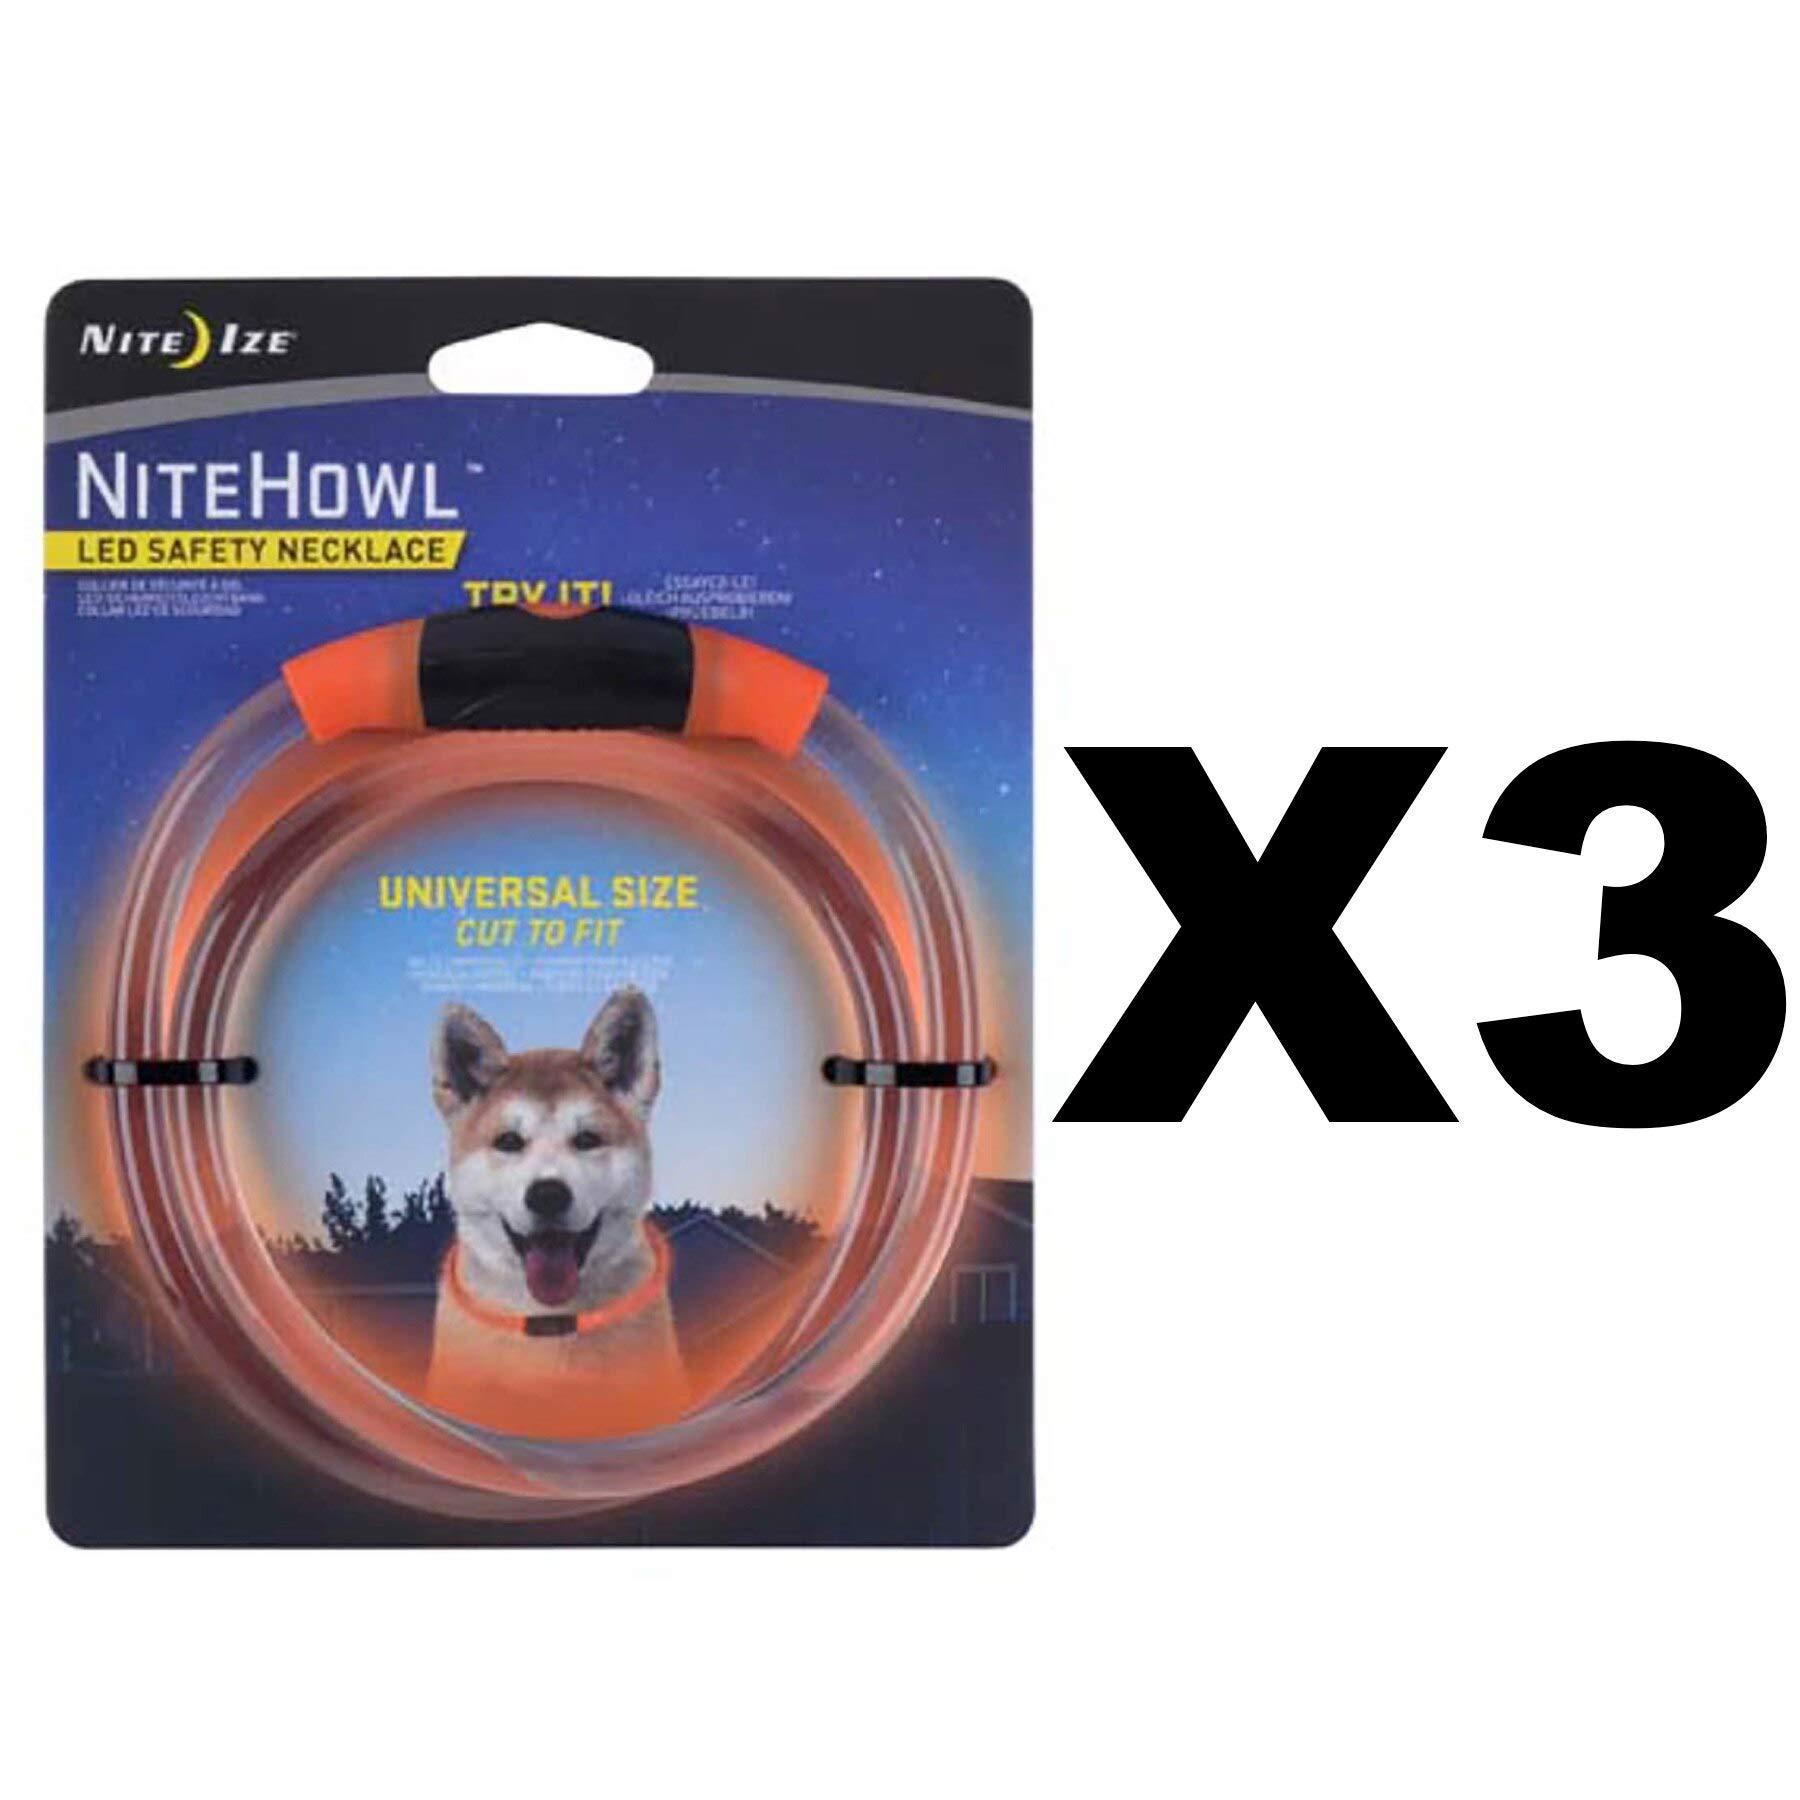 Nite Ize NiteHowl LED Safety Necklace Orange Pet Collar Glows & Flashes (3-Pack) by Nite Ize